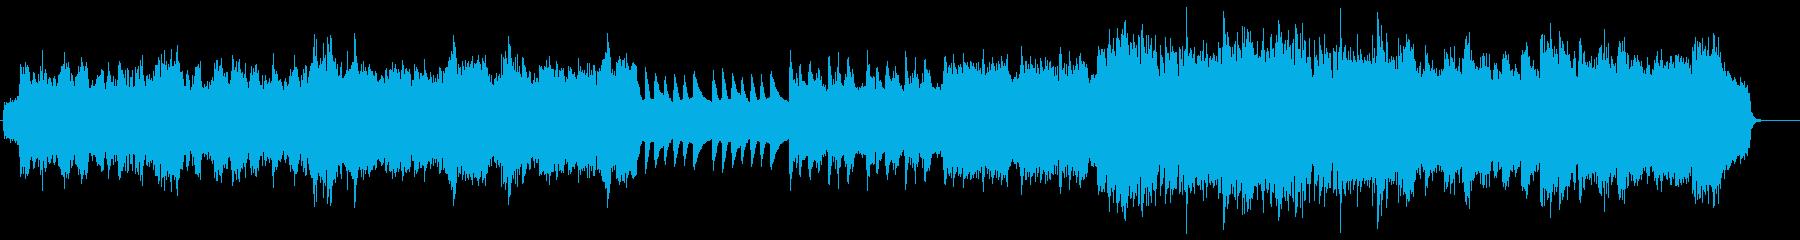 ミディアムテンポの優しいポップバラードの再生済みの波形